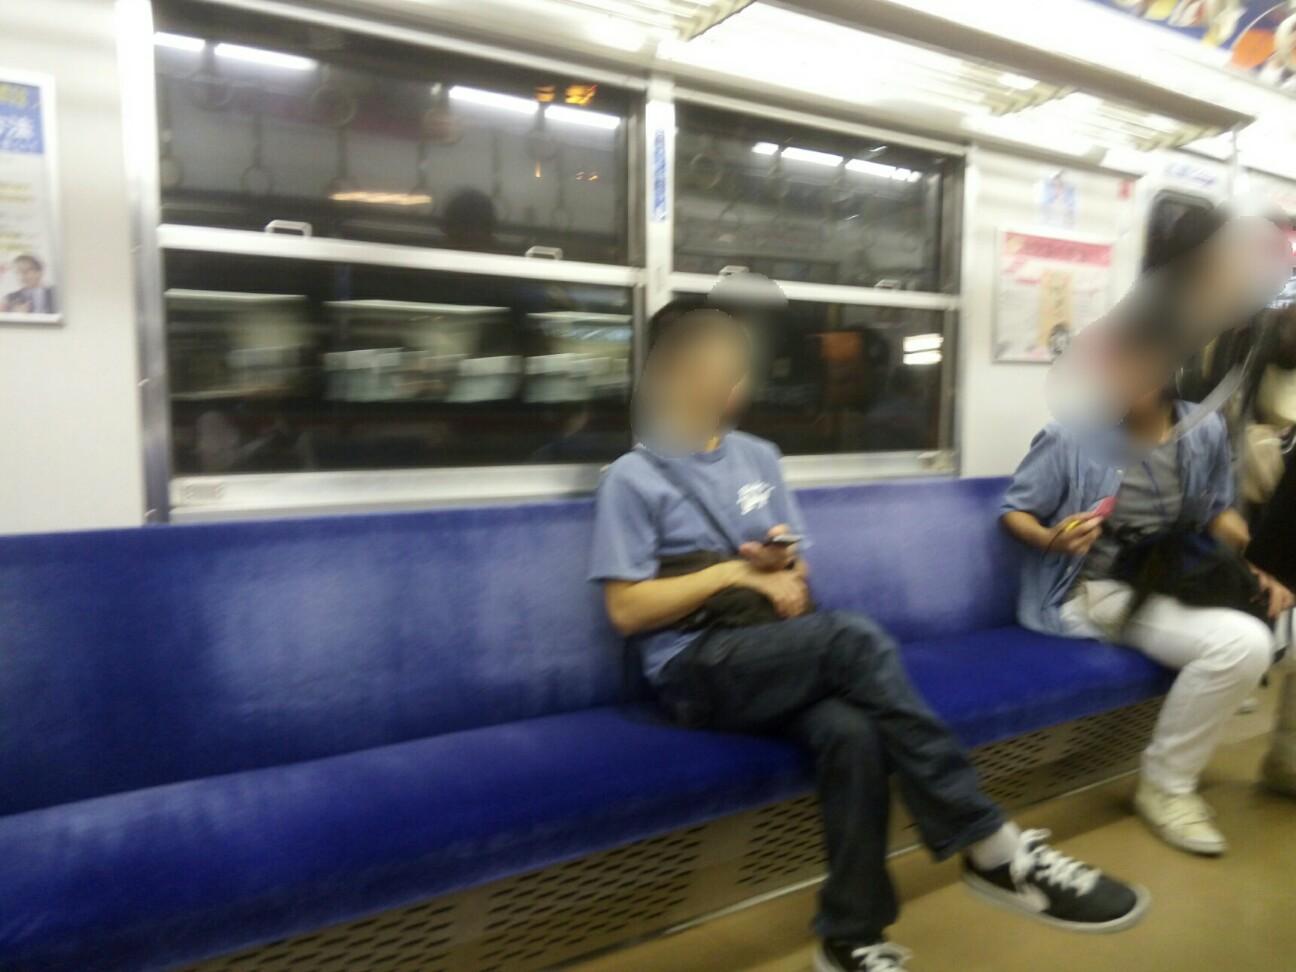 f:id:Osakaloopline:20171001001019j:image